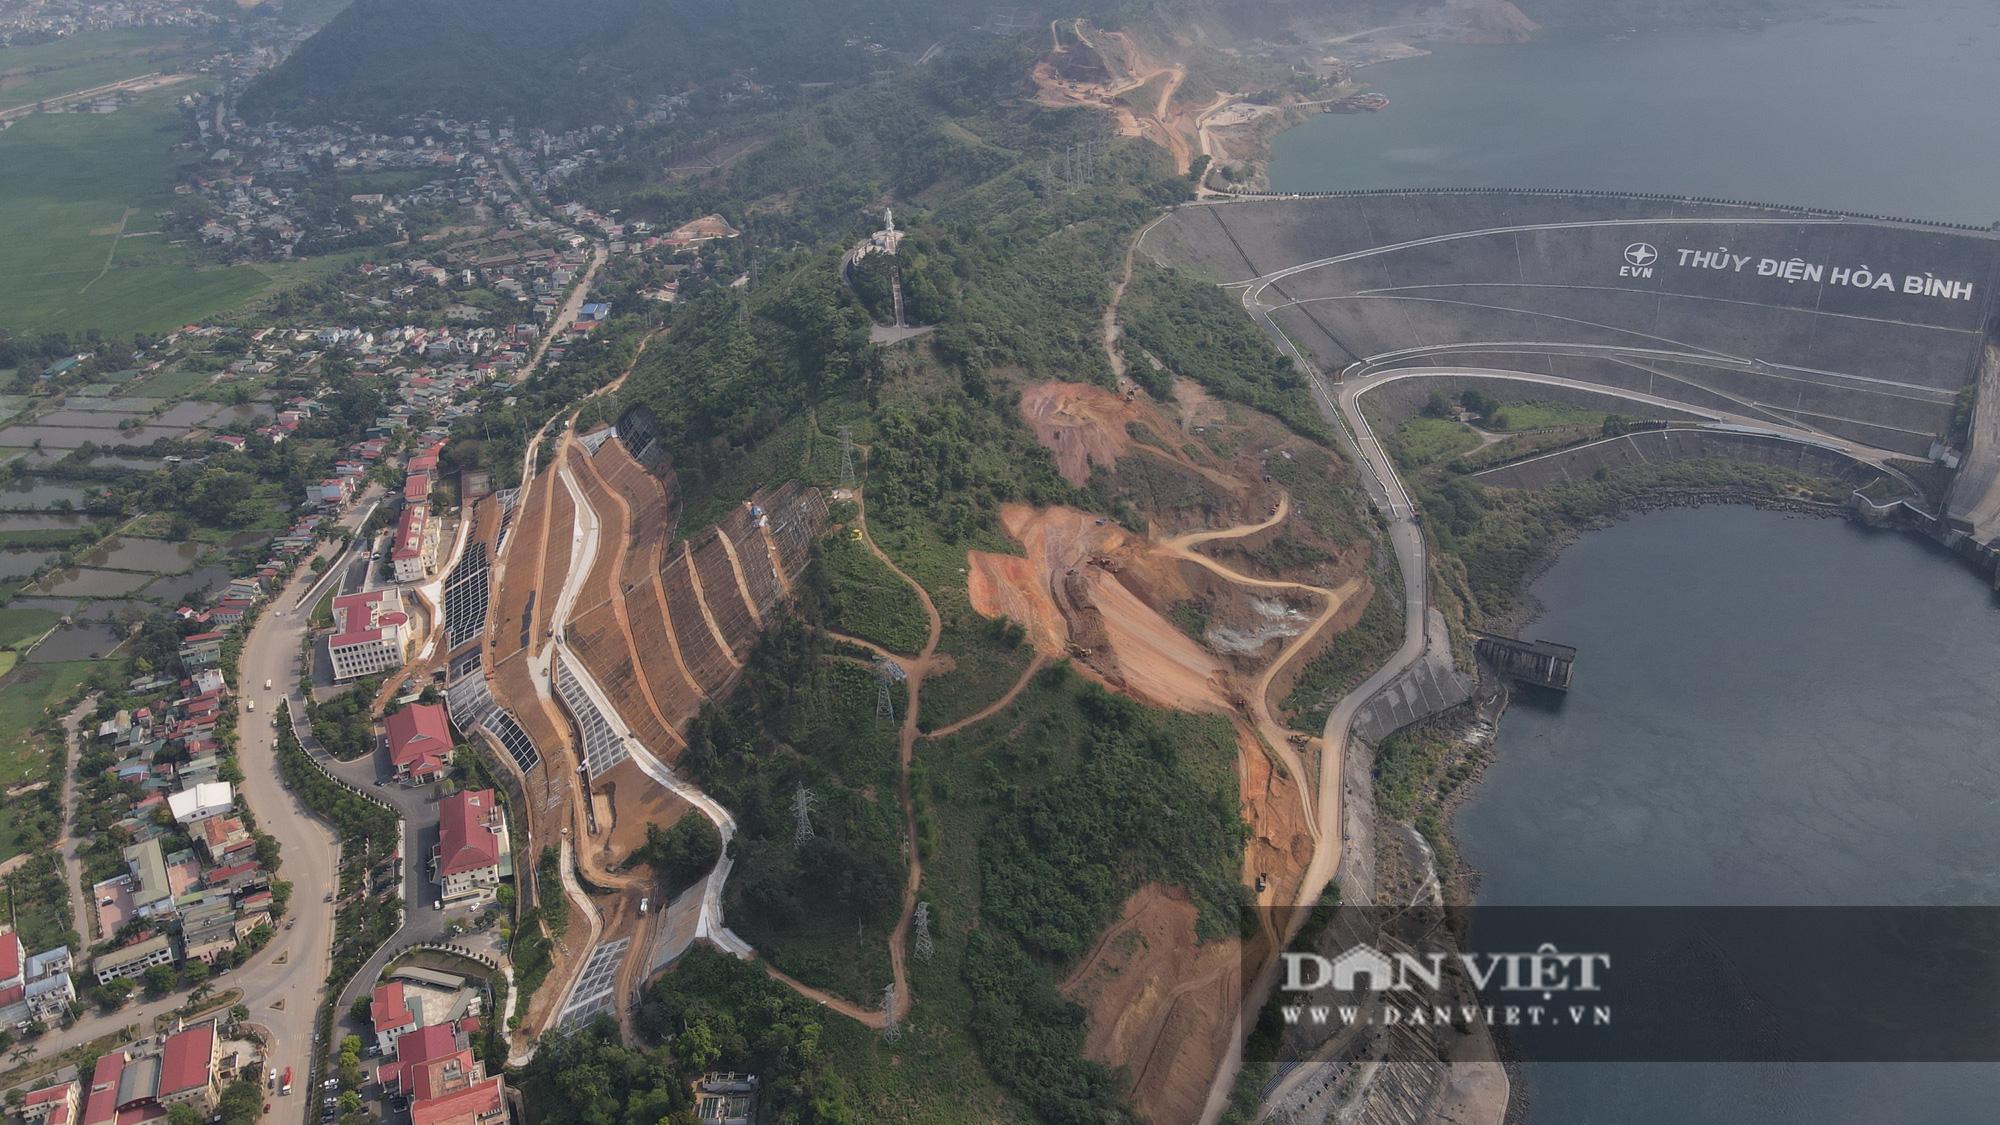 Công trình mở rộng nhà máy thuỷ điện Hoà Bình hơn 9000 tỷ nhìn từ trên cao  - Ảnh 10.